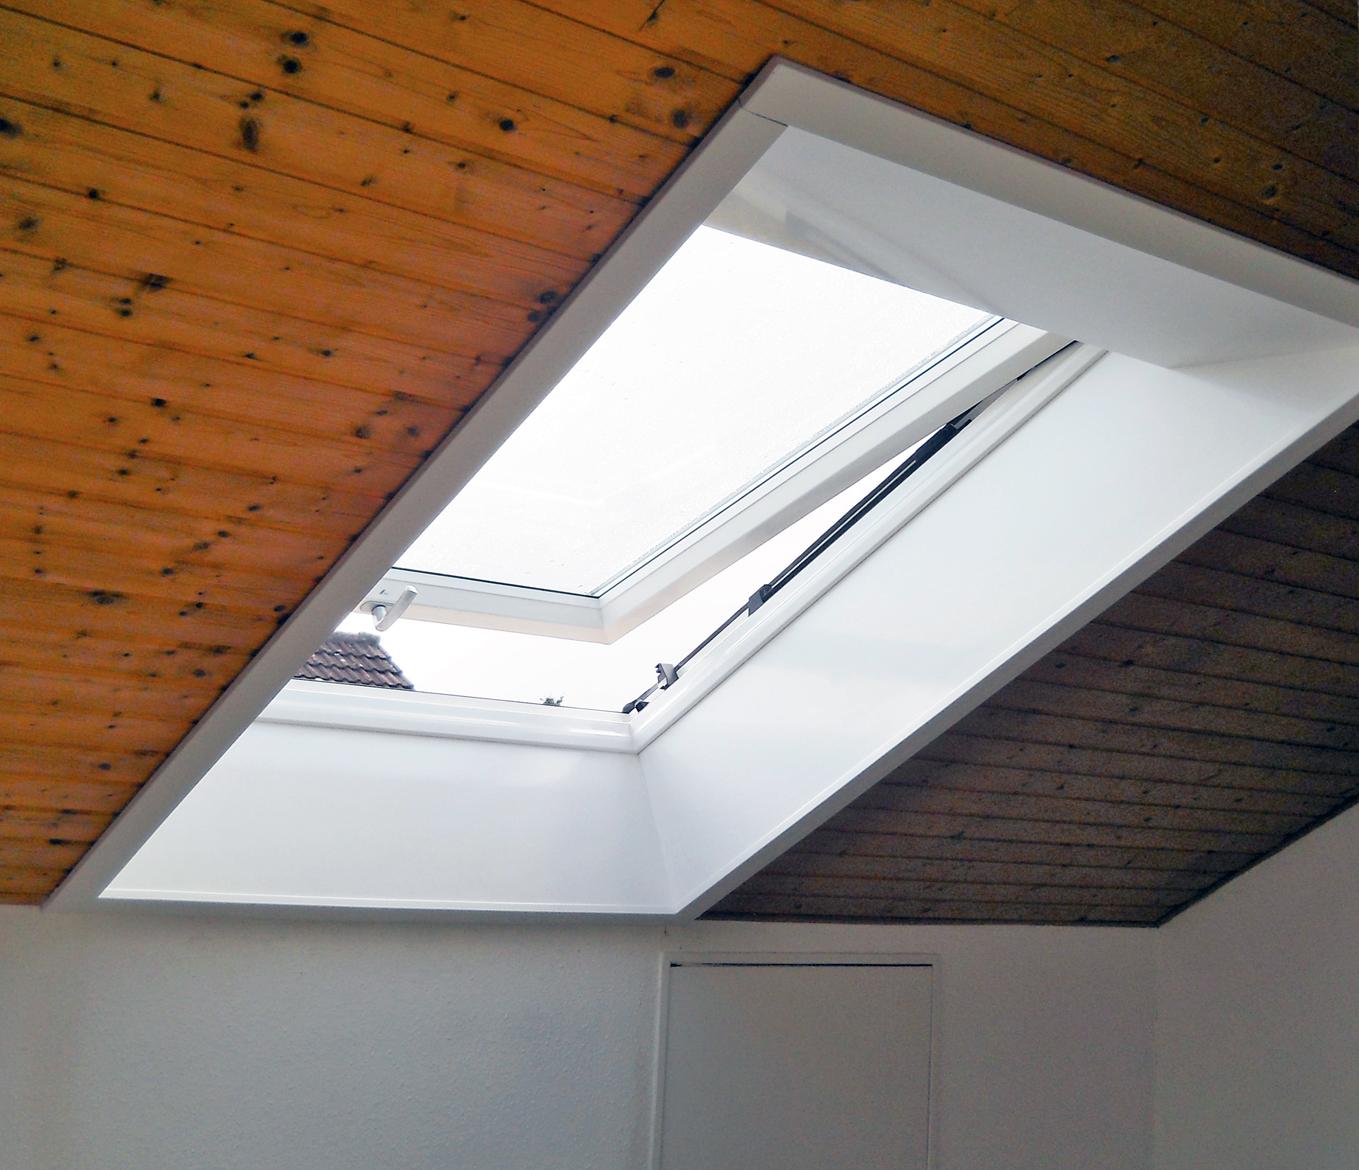 Neues Roto Dachfenster mit Kunststoff Innenfutter